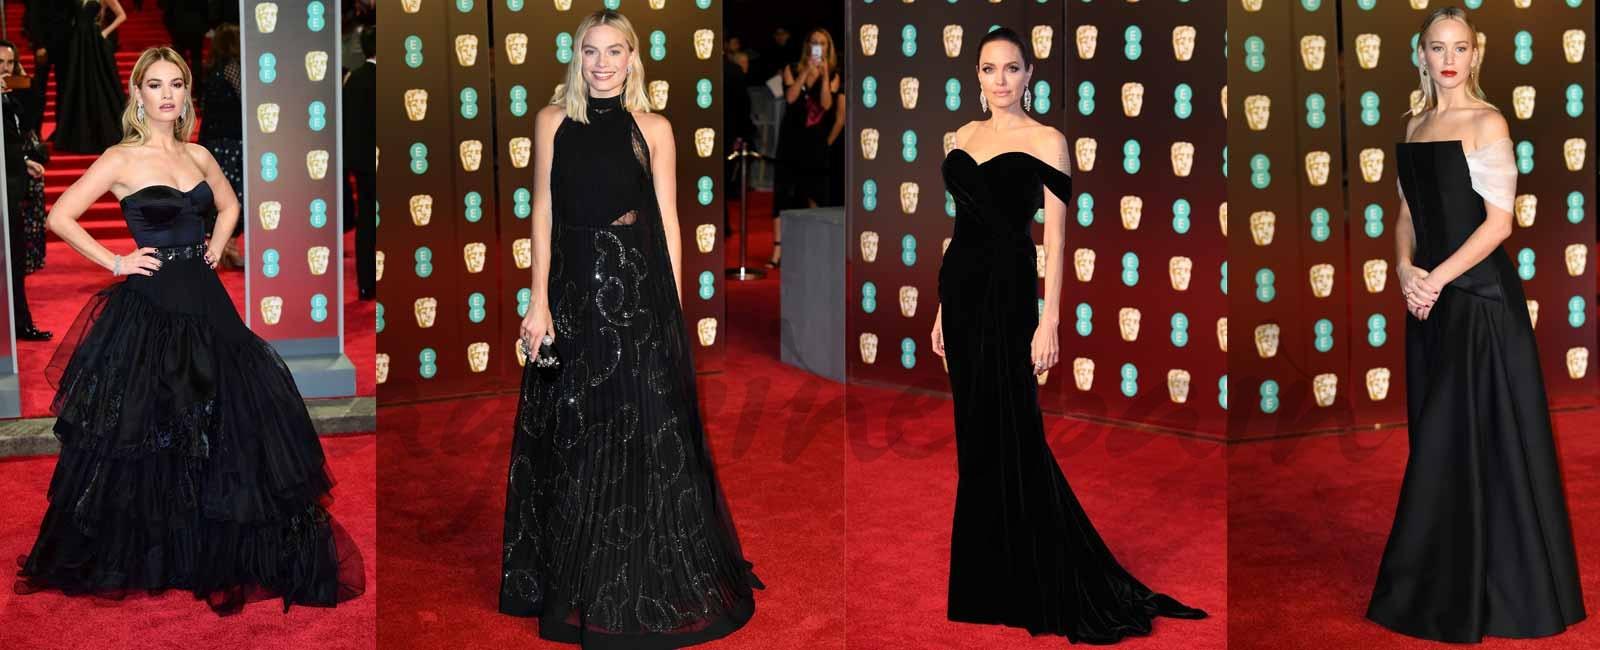 Los mejores looks de la alfombra roja – vestida de negro – de los Premios Bafta 2018